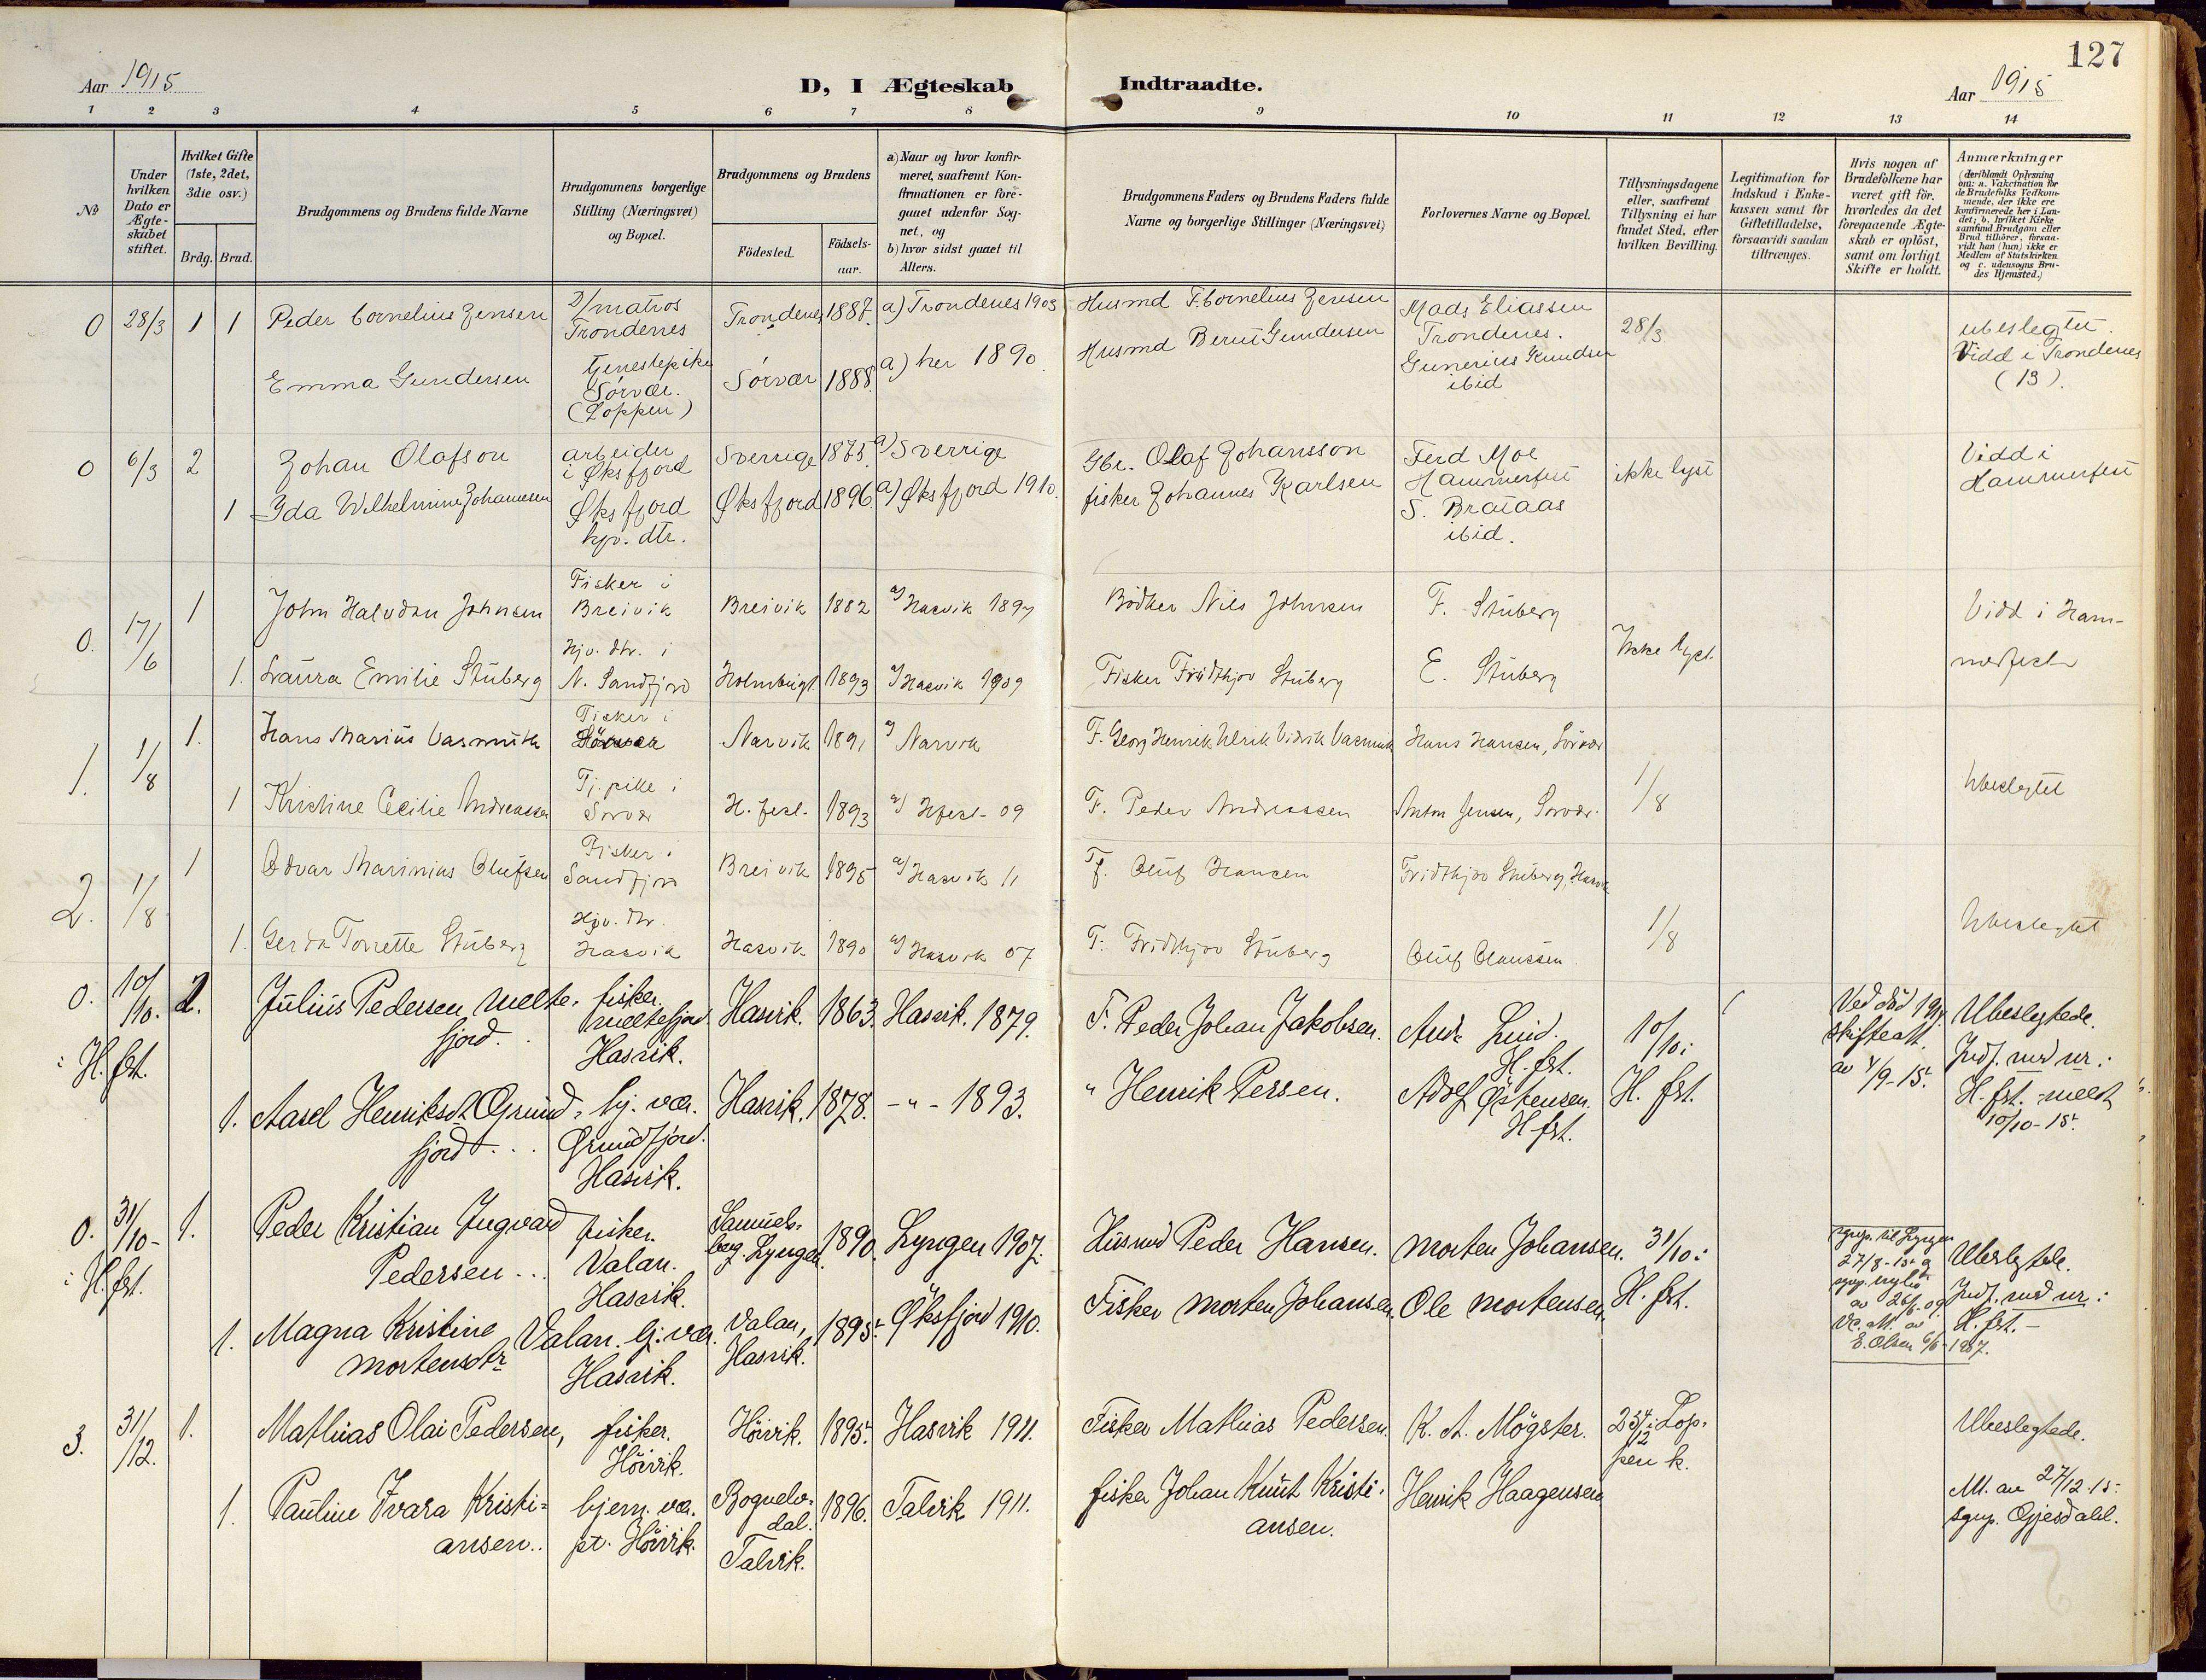 SATØ, Loppa sokneprestkontor, H/Ha/L0010kirke: Ministerialbok nr. 10, 1907-1922, s. 127